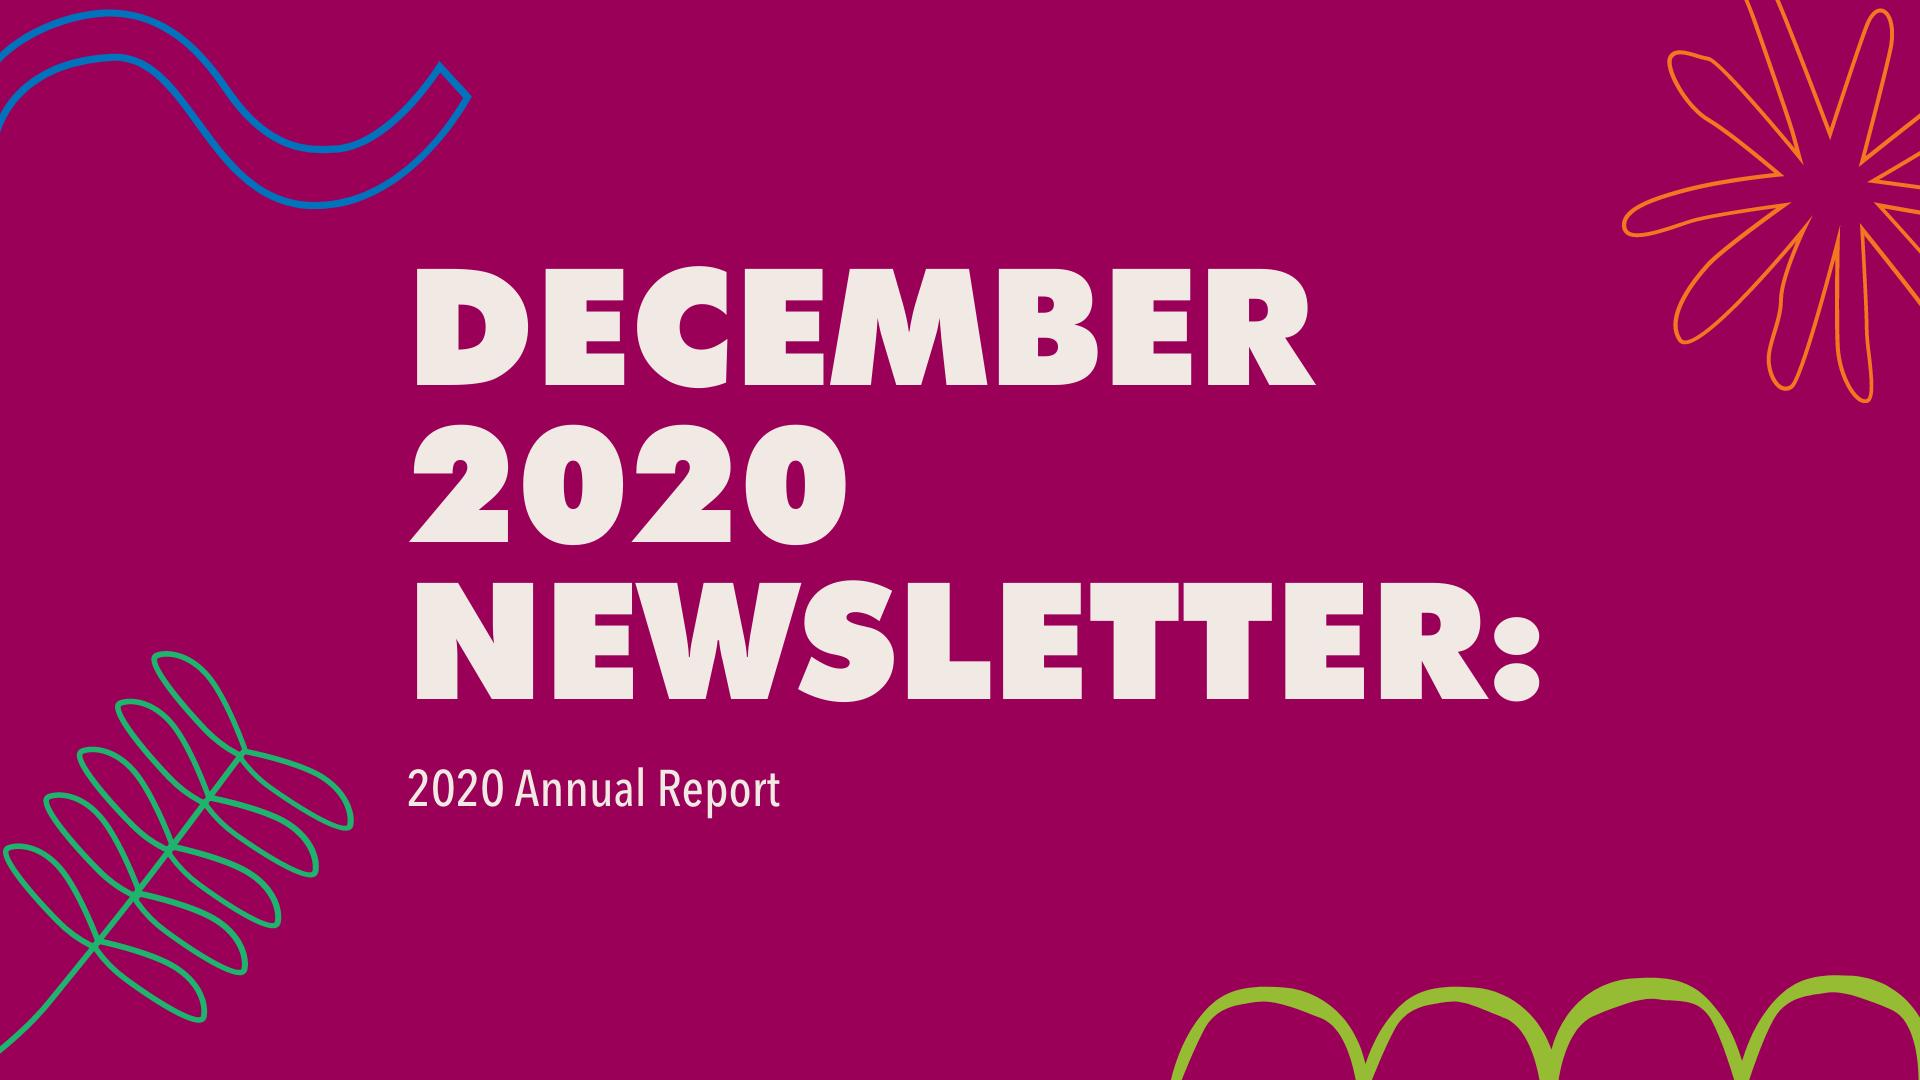 December 2020 newsletter banner